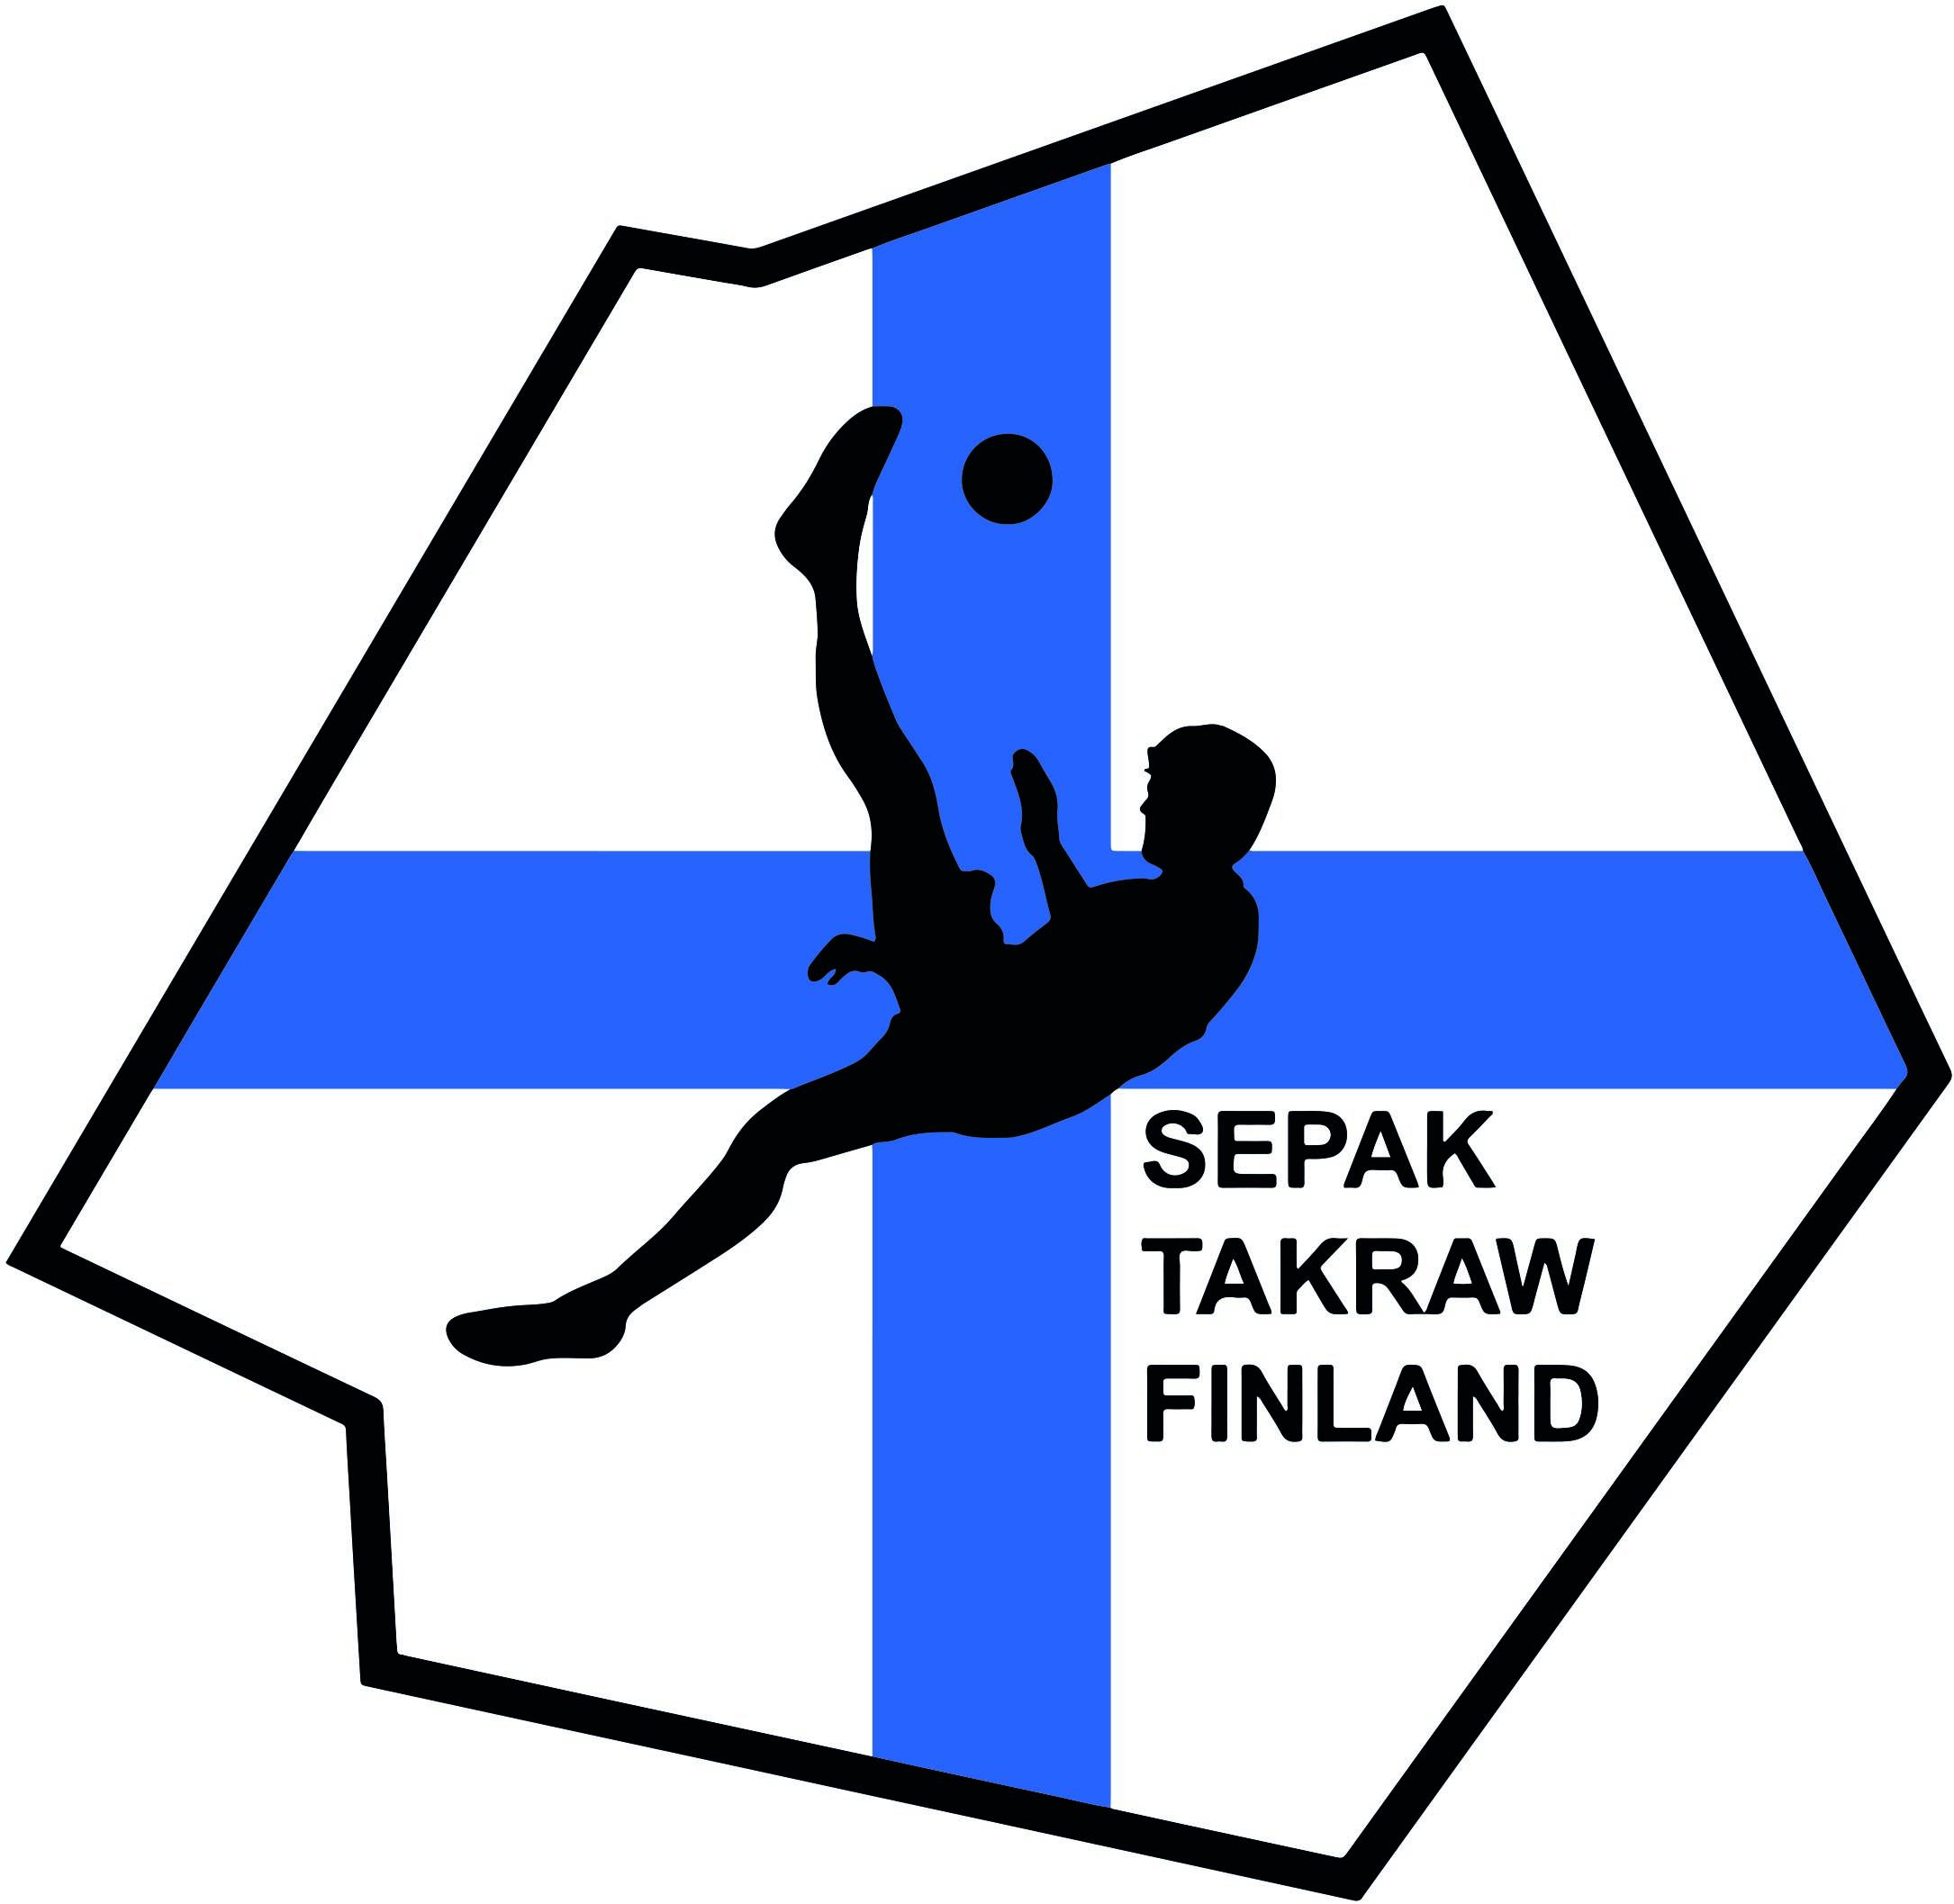 suomentakrawjpg